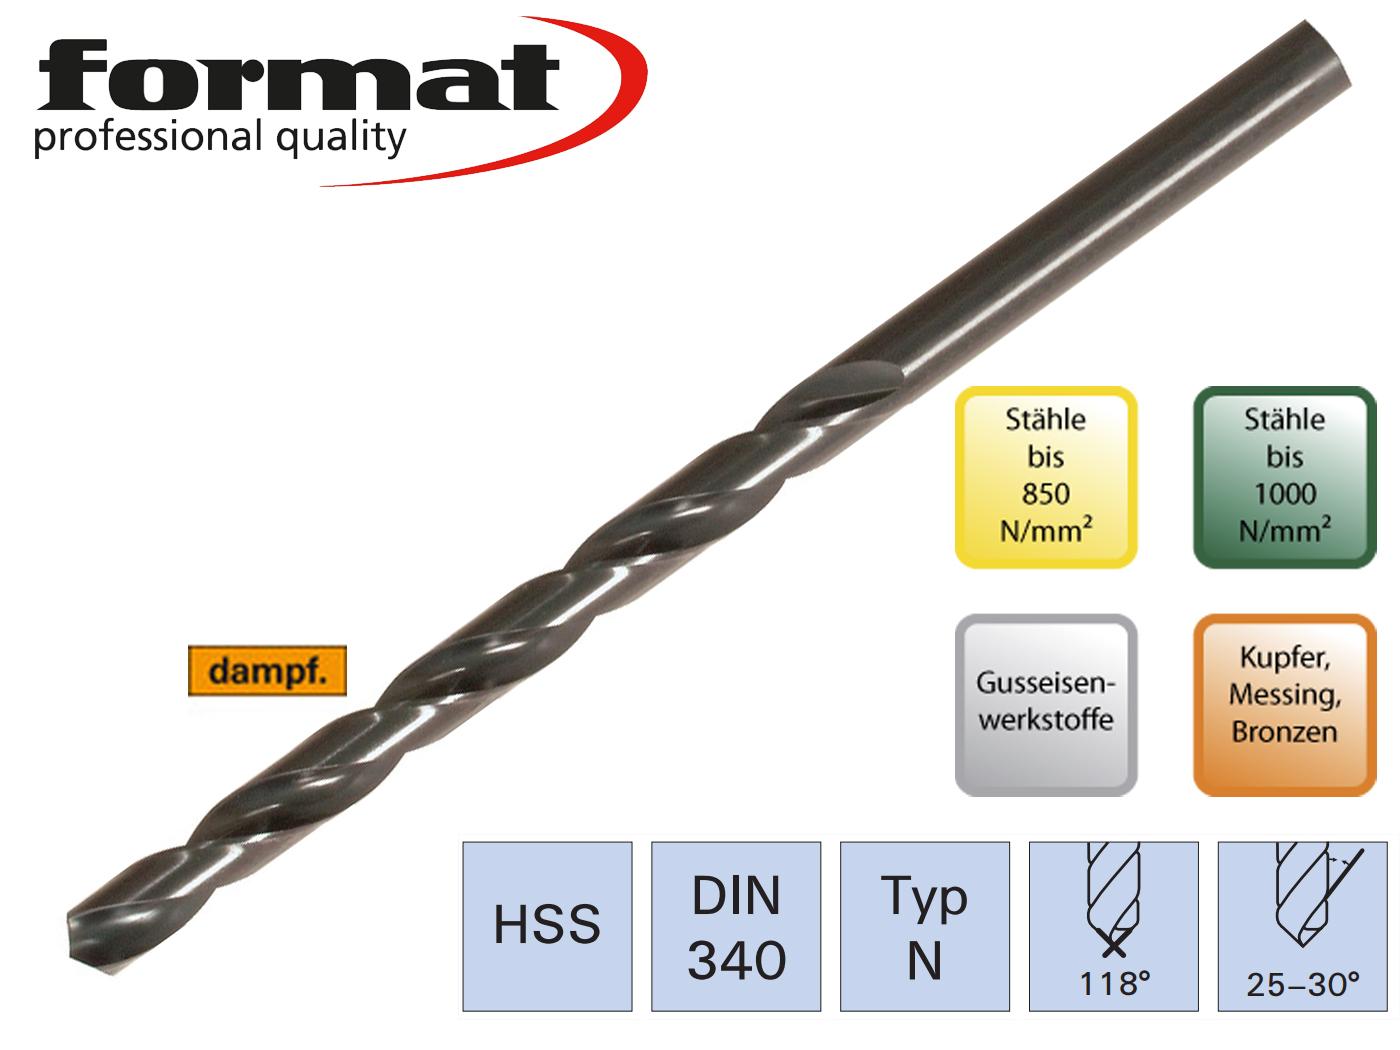 Spiraalboor DIN 340 N HSS geslepen FORMAT | DKMTools - DKM Tools